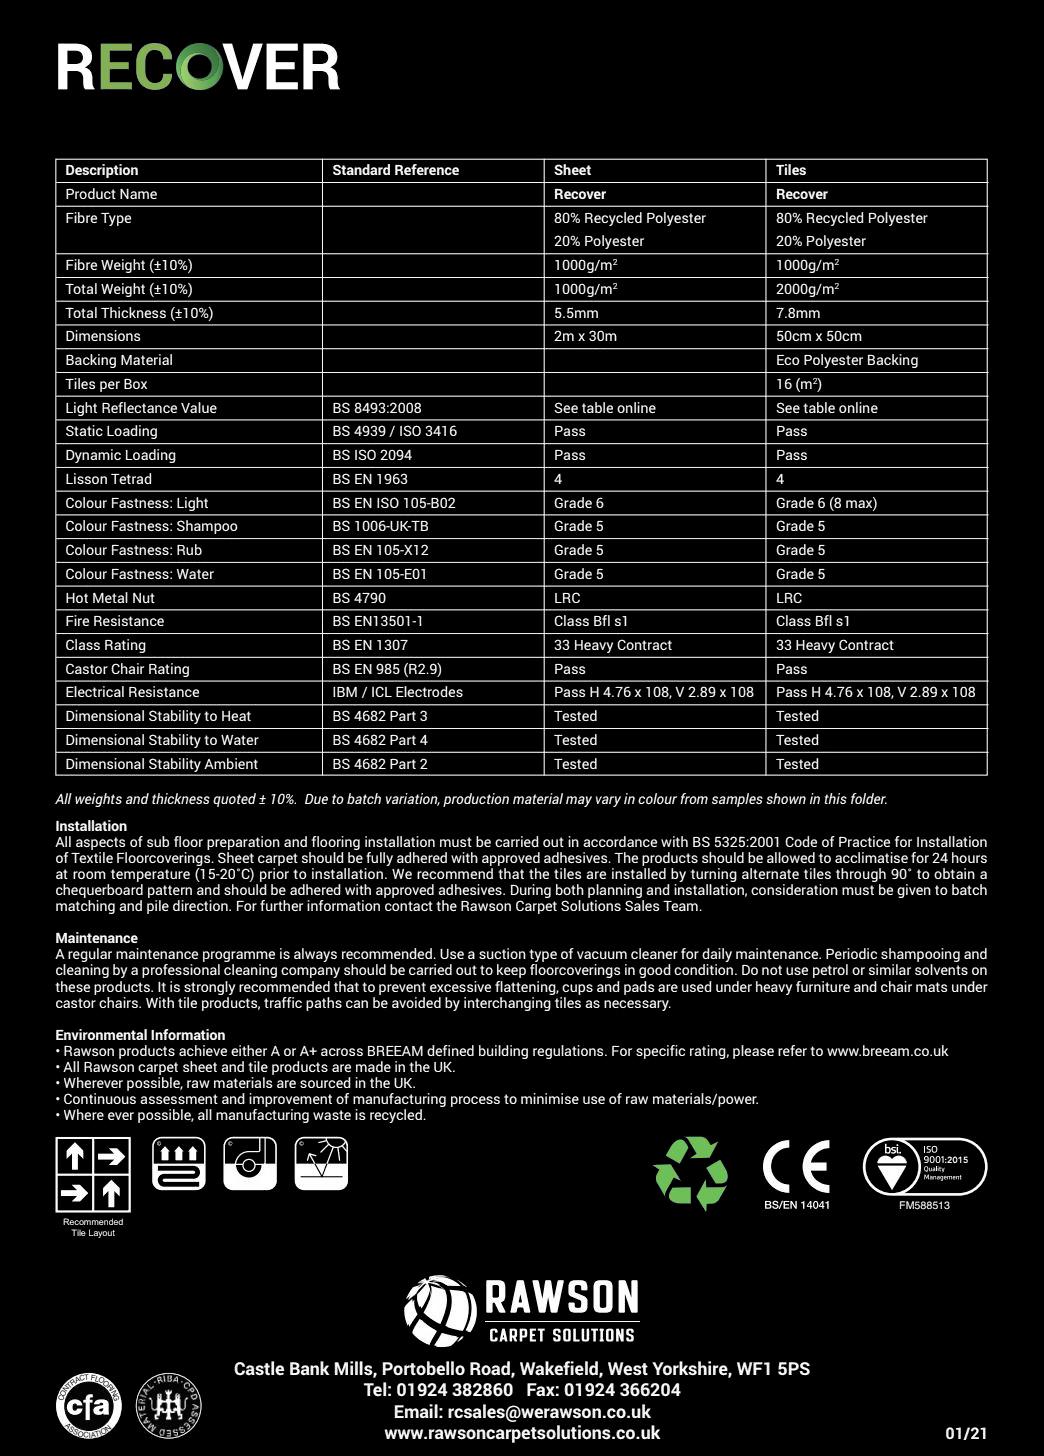 RECOVER - Tech Sheet